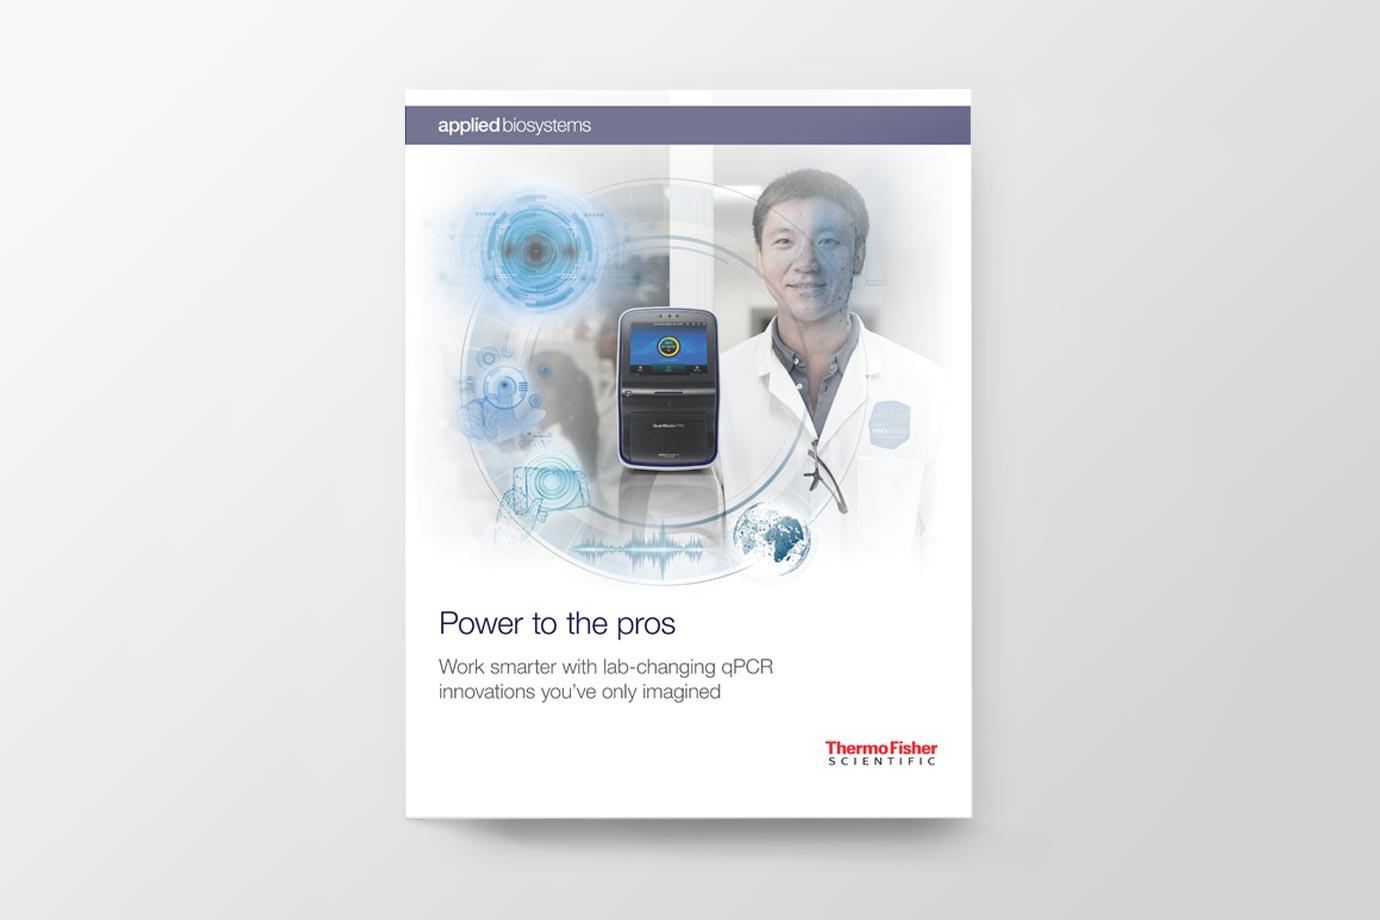 BON_TFS_Applied_Marketplace_Brochure_Cover.jpg